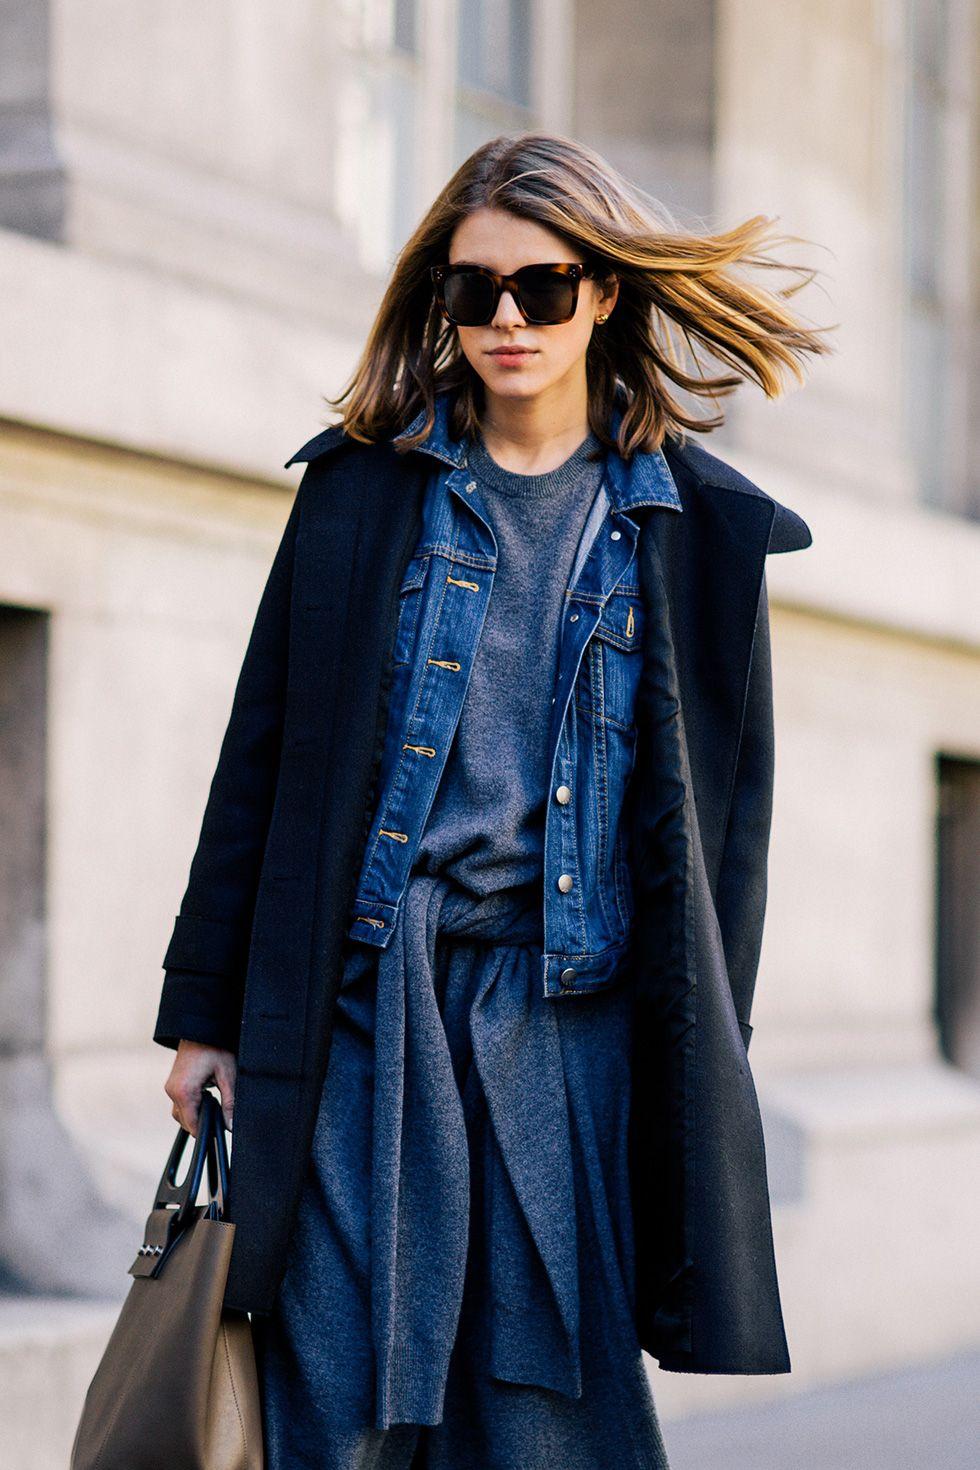 ideas para looks casuales y estilosos con denim paris minimal